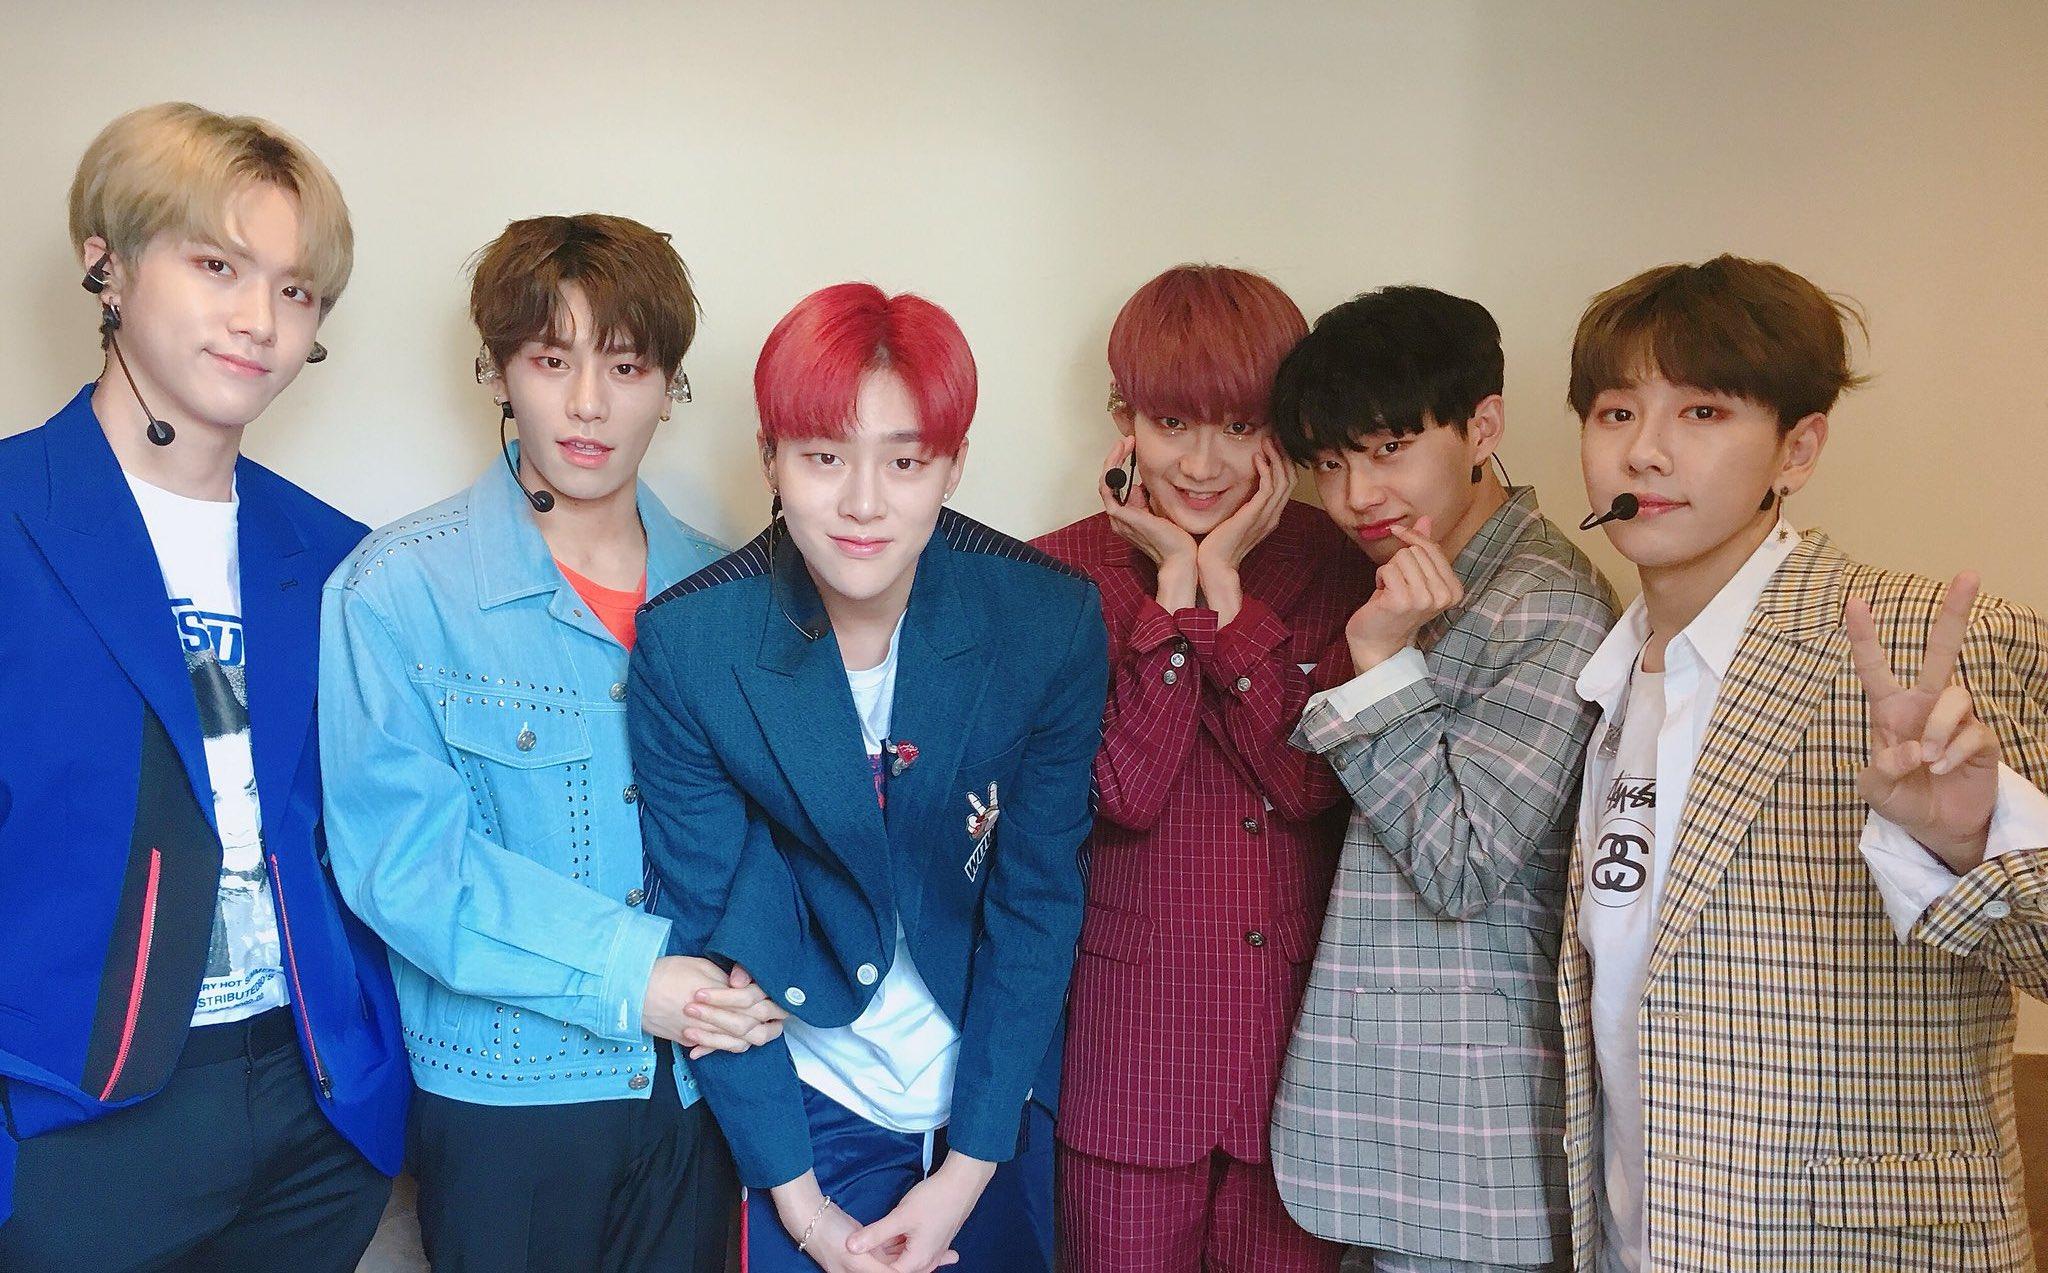 JBJ Announces Details For Final Concert